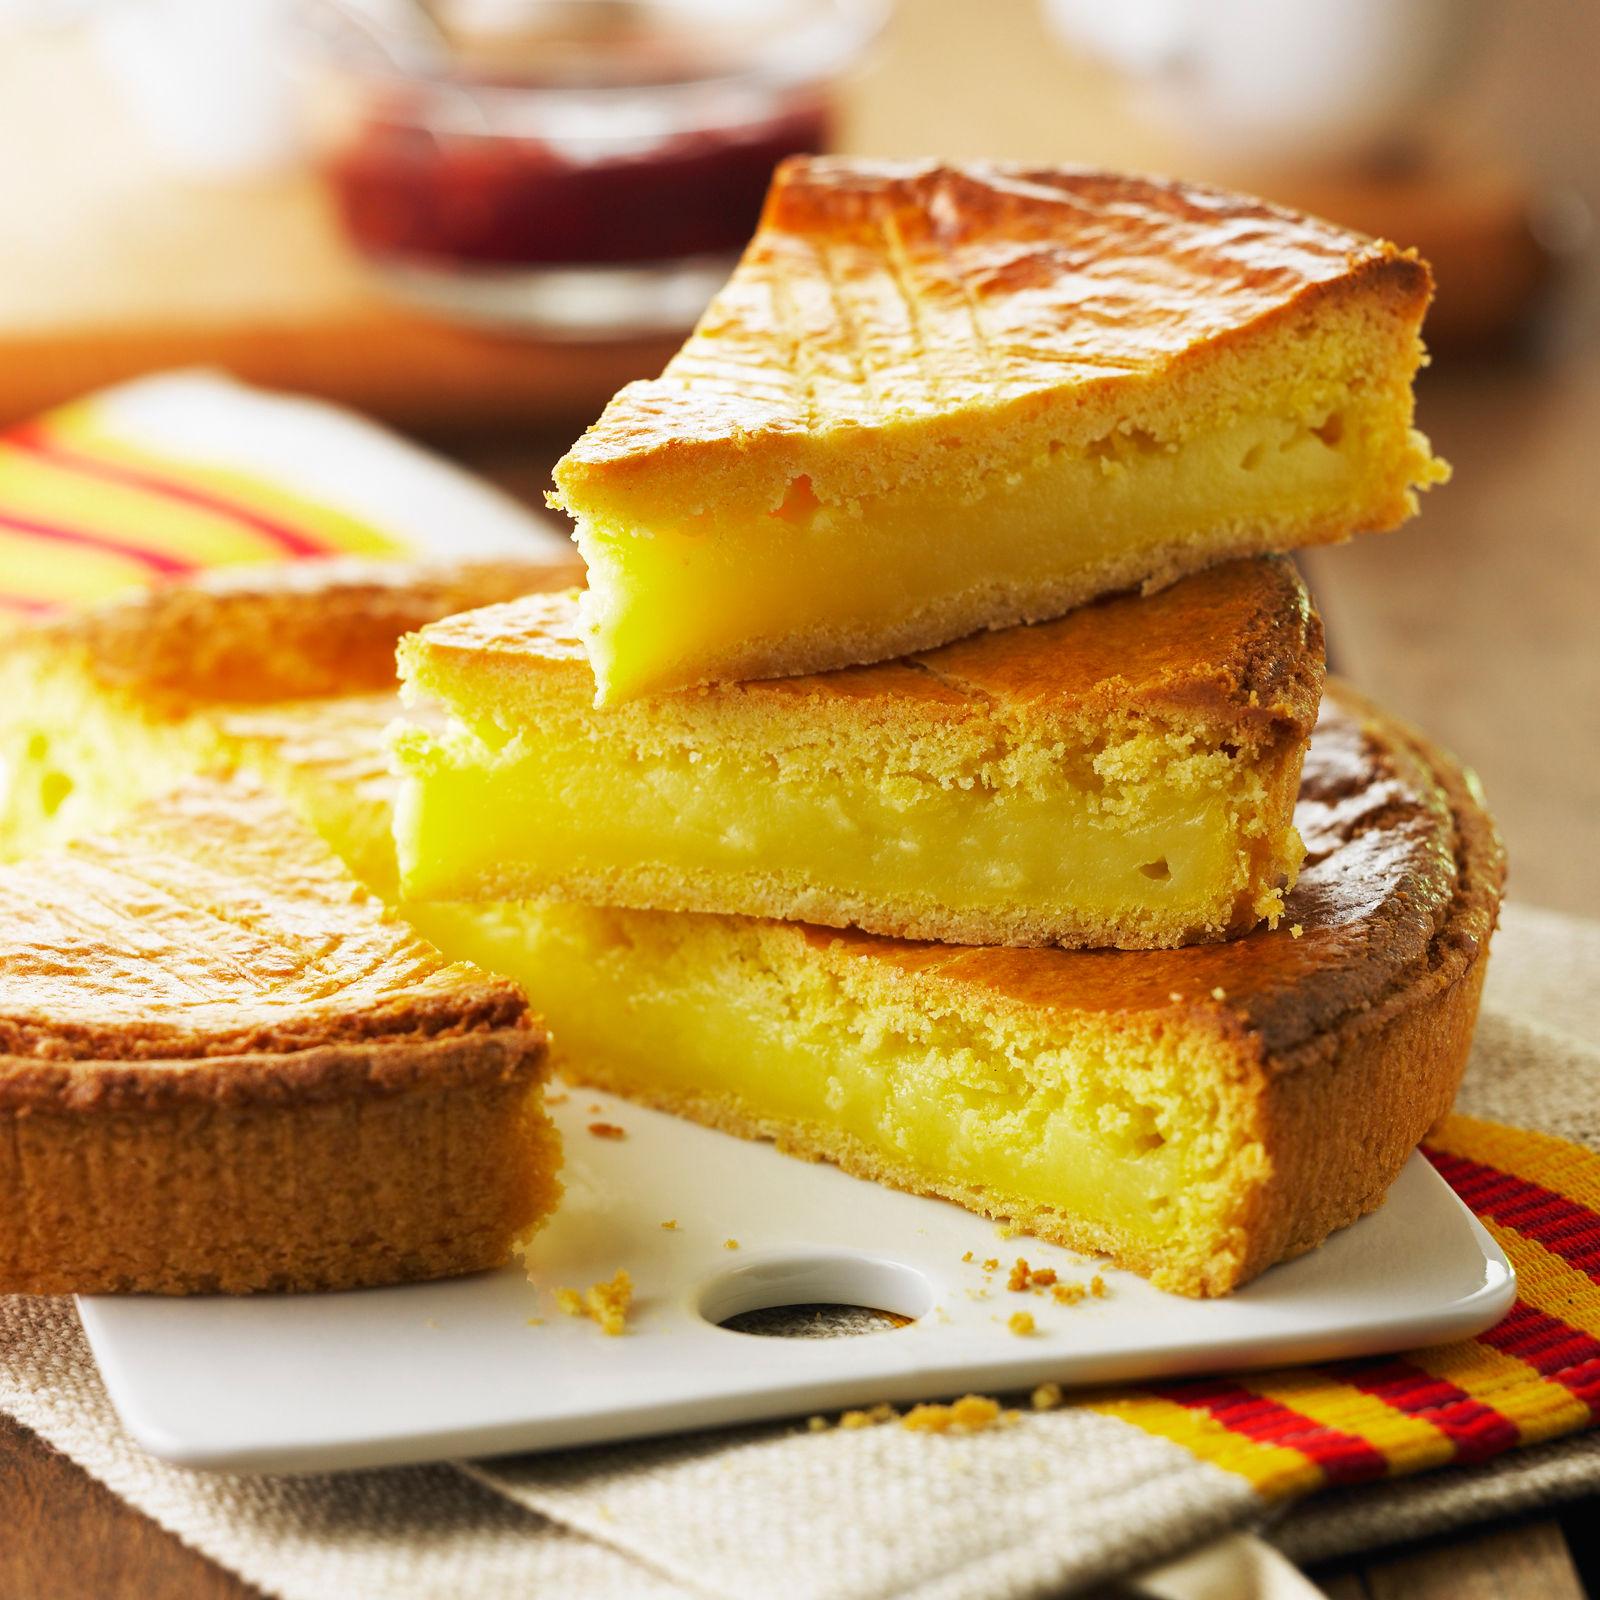 Découvrez la recette traditionnelle du gâteau basque….